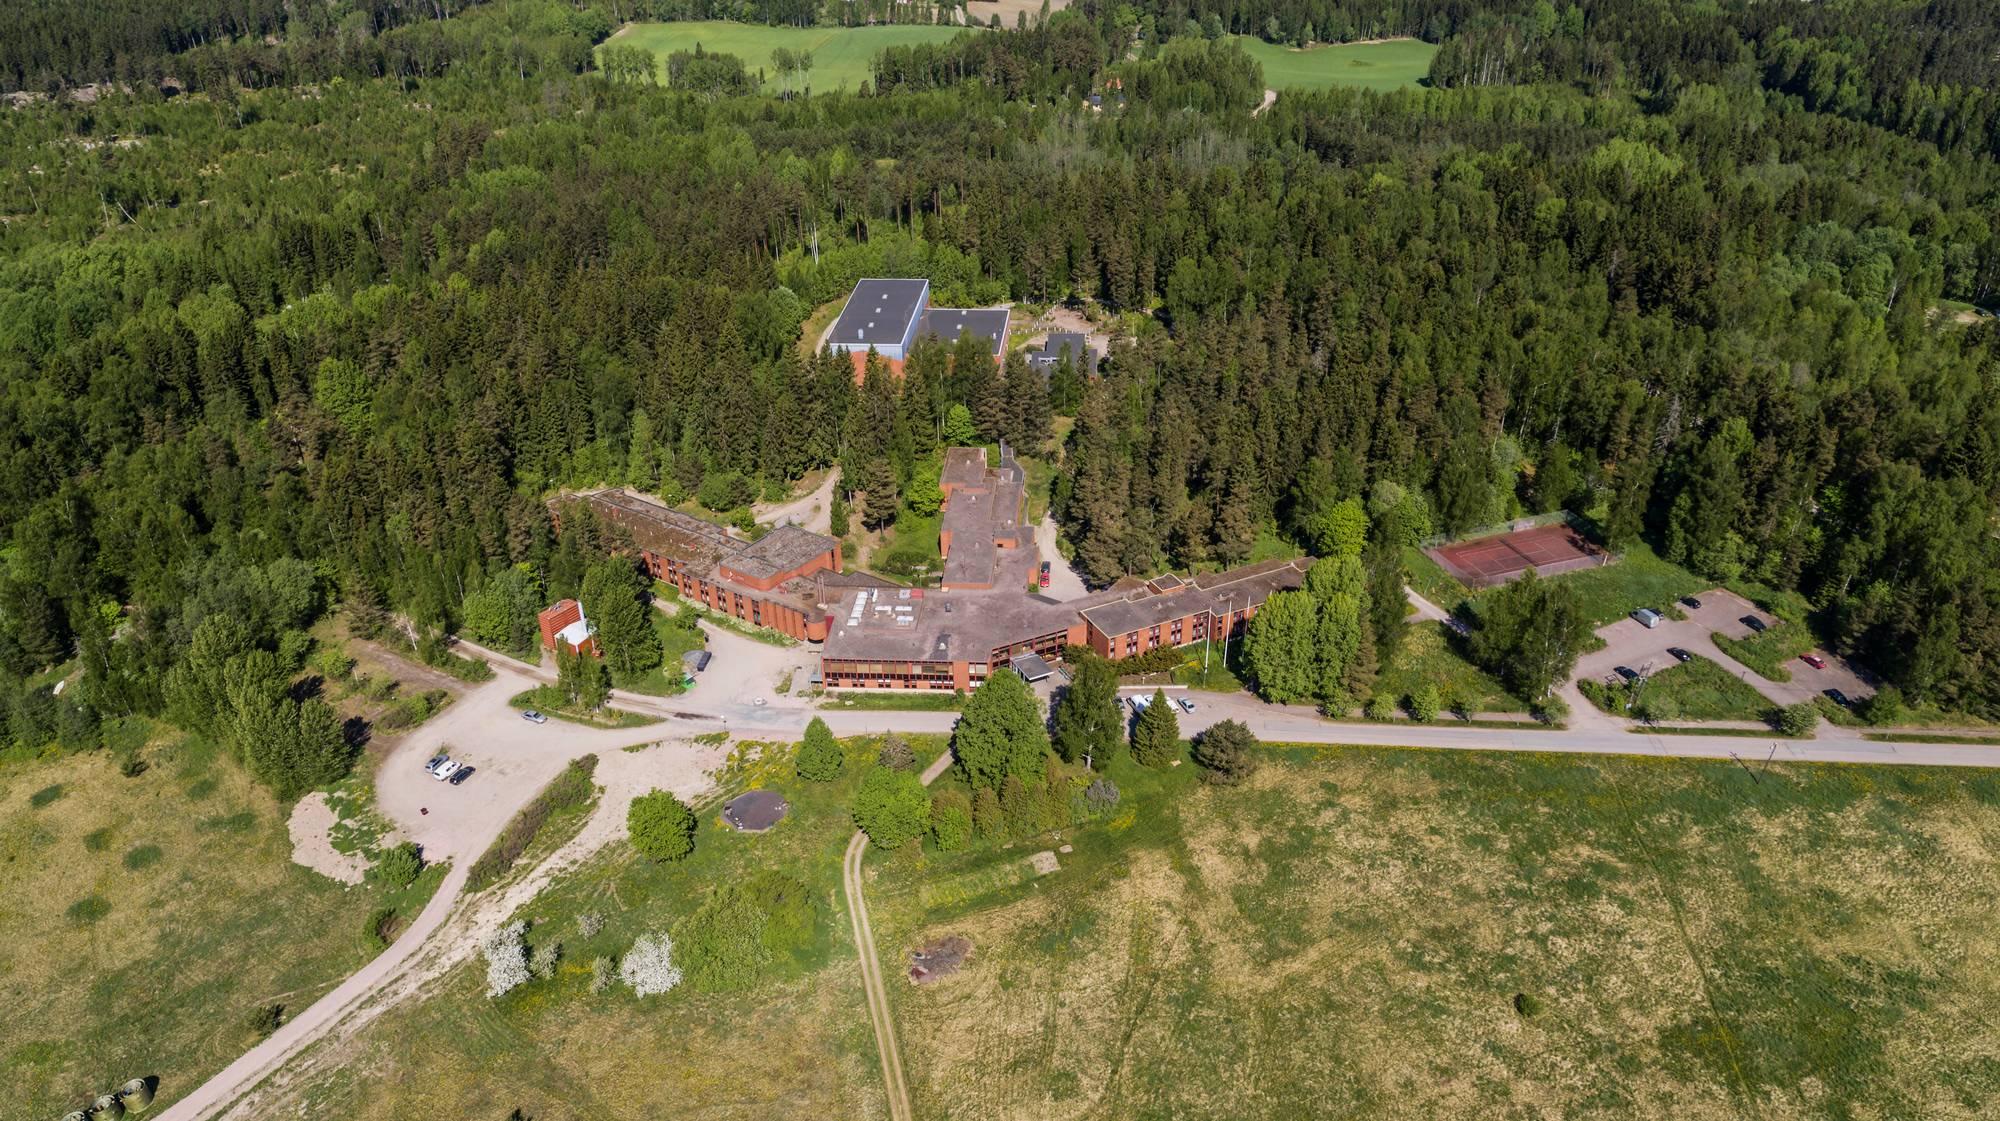 Evitskog Vastaanottokeskus